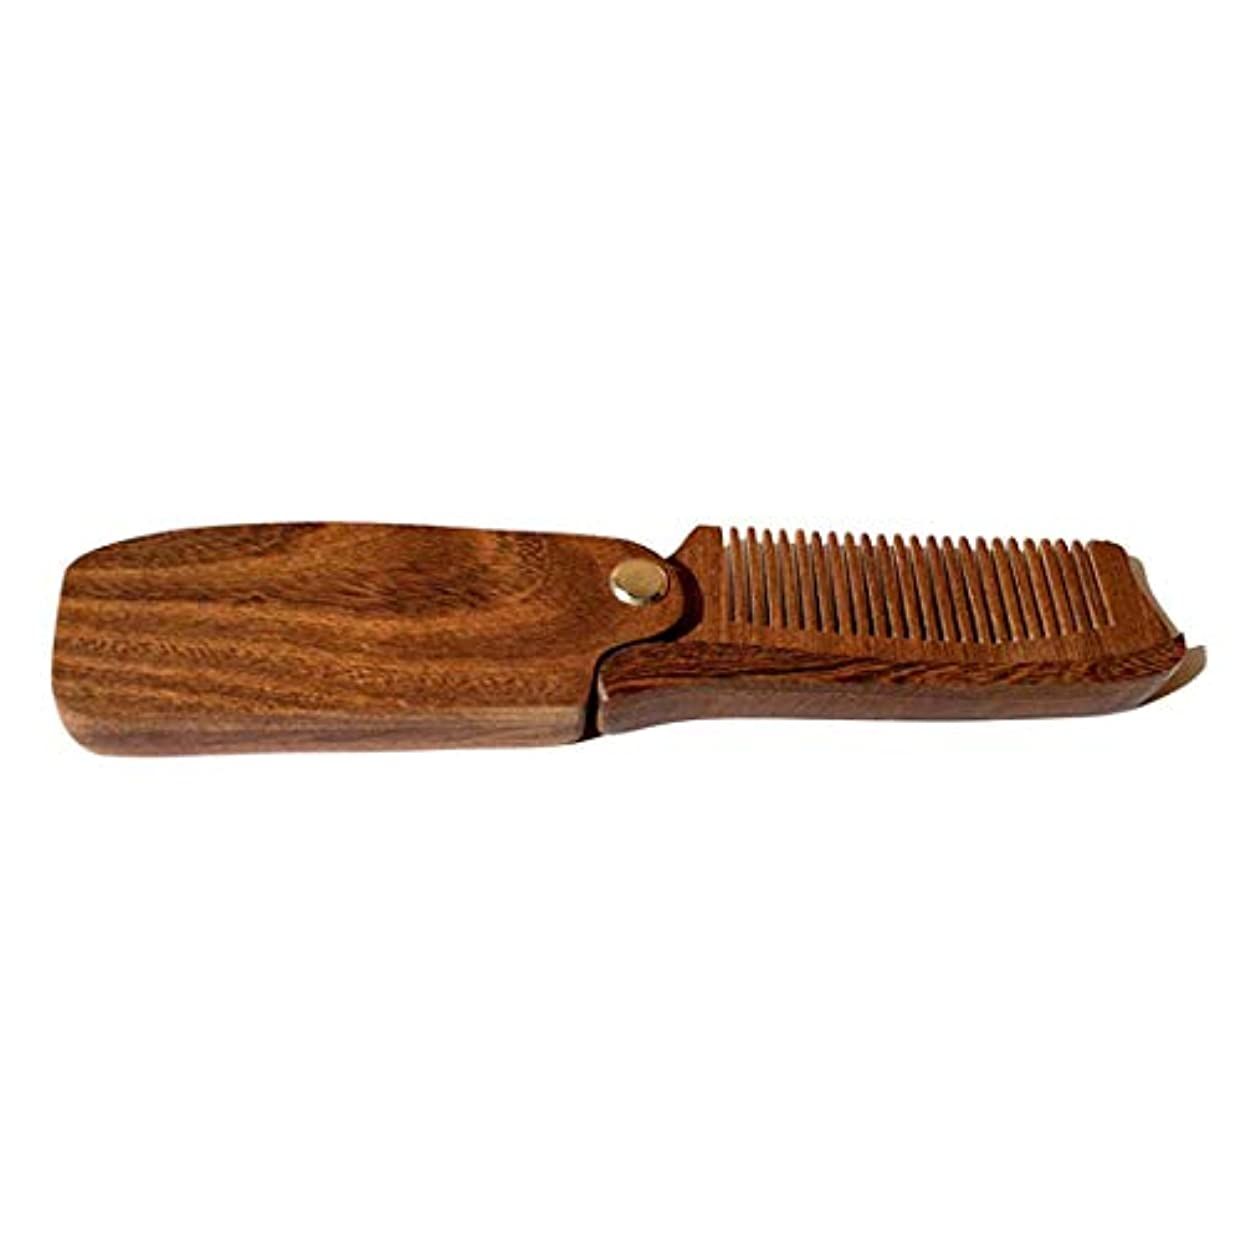 すべてに話す遺体安置所Guomao 折りたたみ木製櫛男性の髪、ひげと口ひげスタイリング櫛 (色 : Wood color)